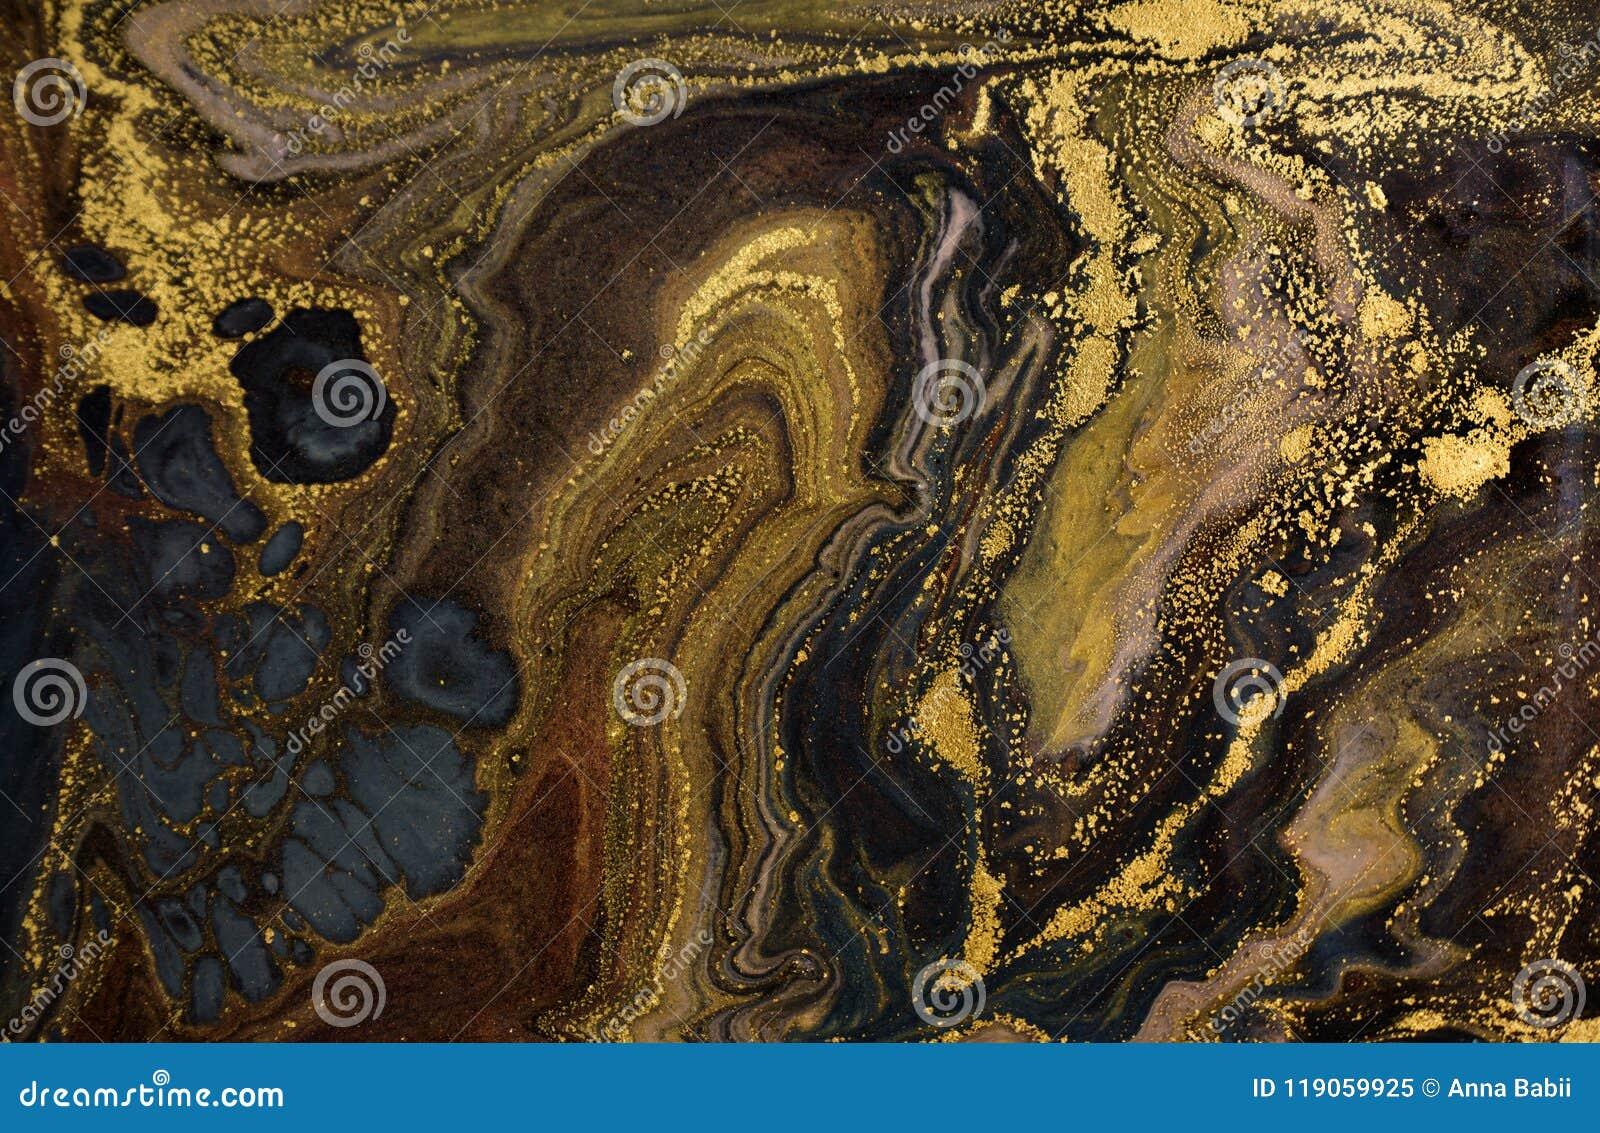 大理石抽象丙烯酸酯的背景 使有大理石花纹的艺术品纹理 玛瑙波纹样式 金粉末